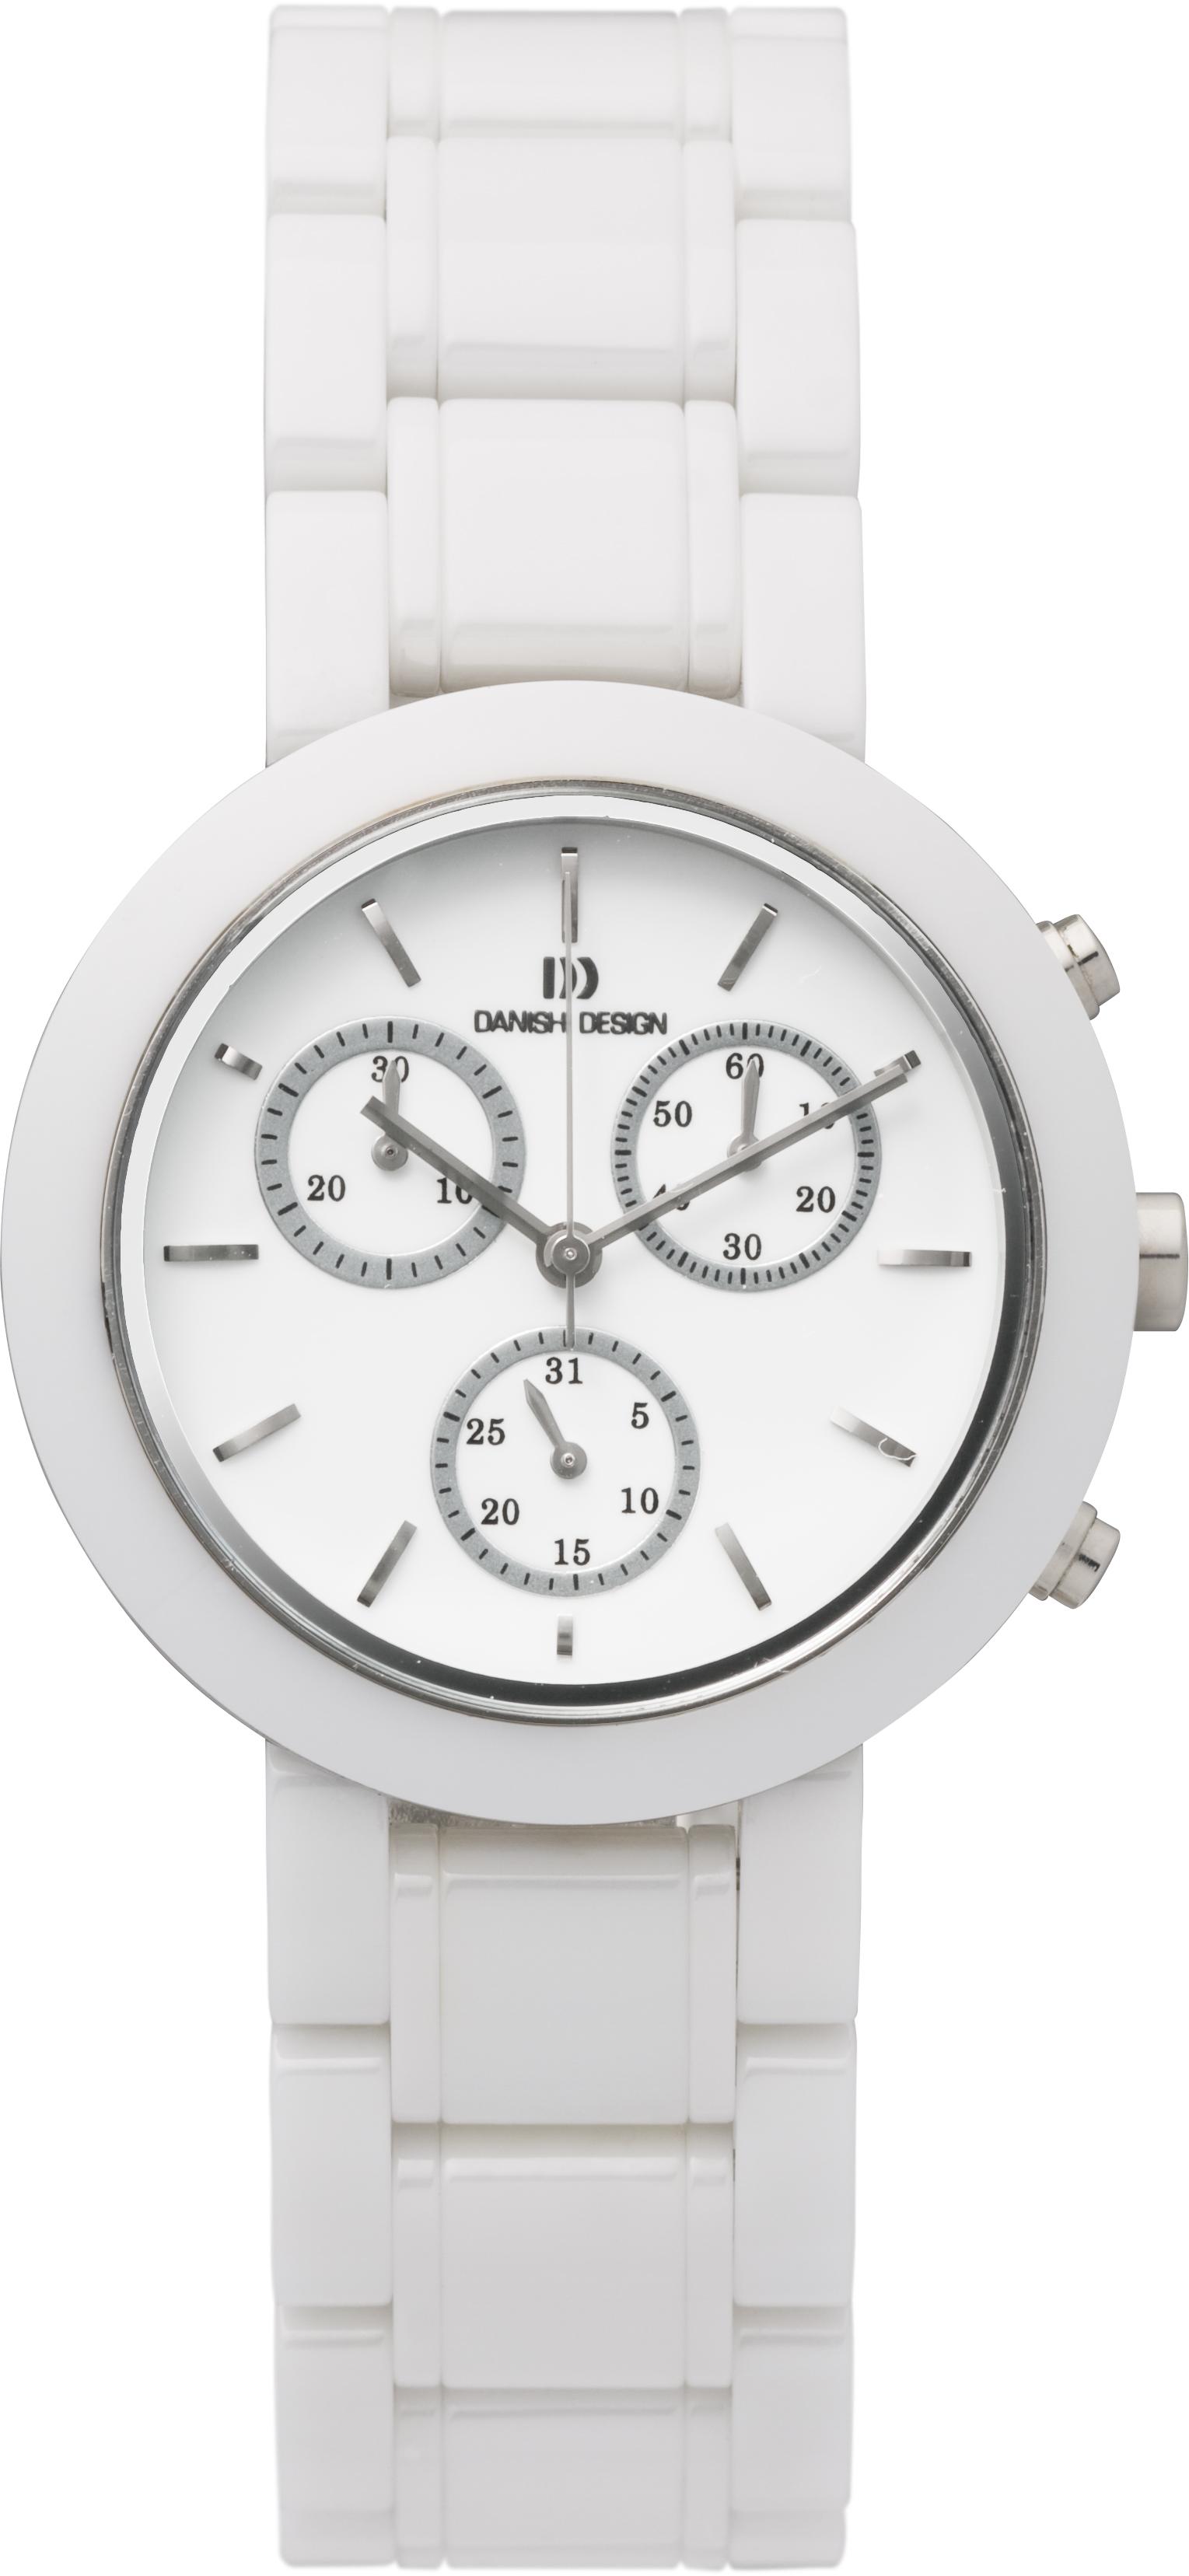 Danish Design Horloge 36 mm Ceramic IV62Q860